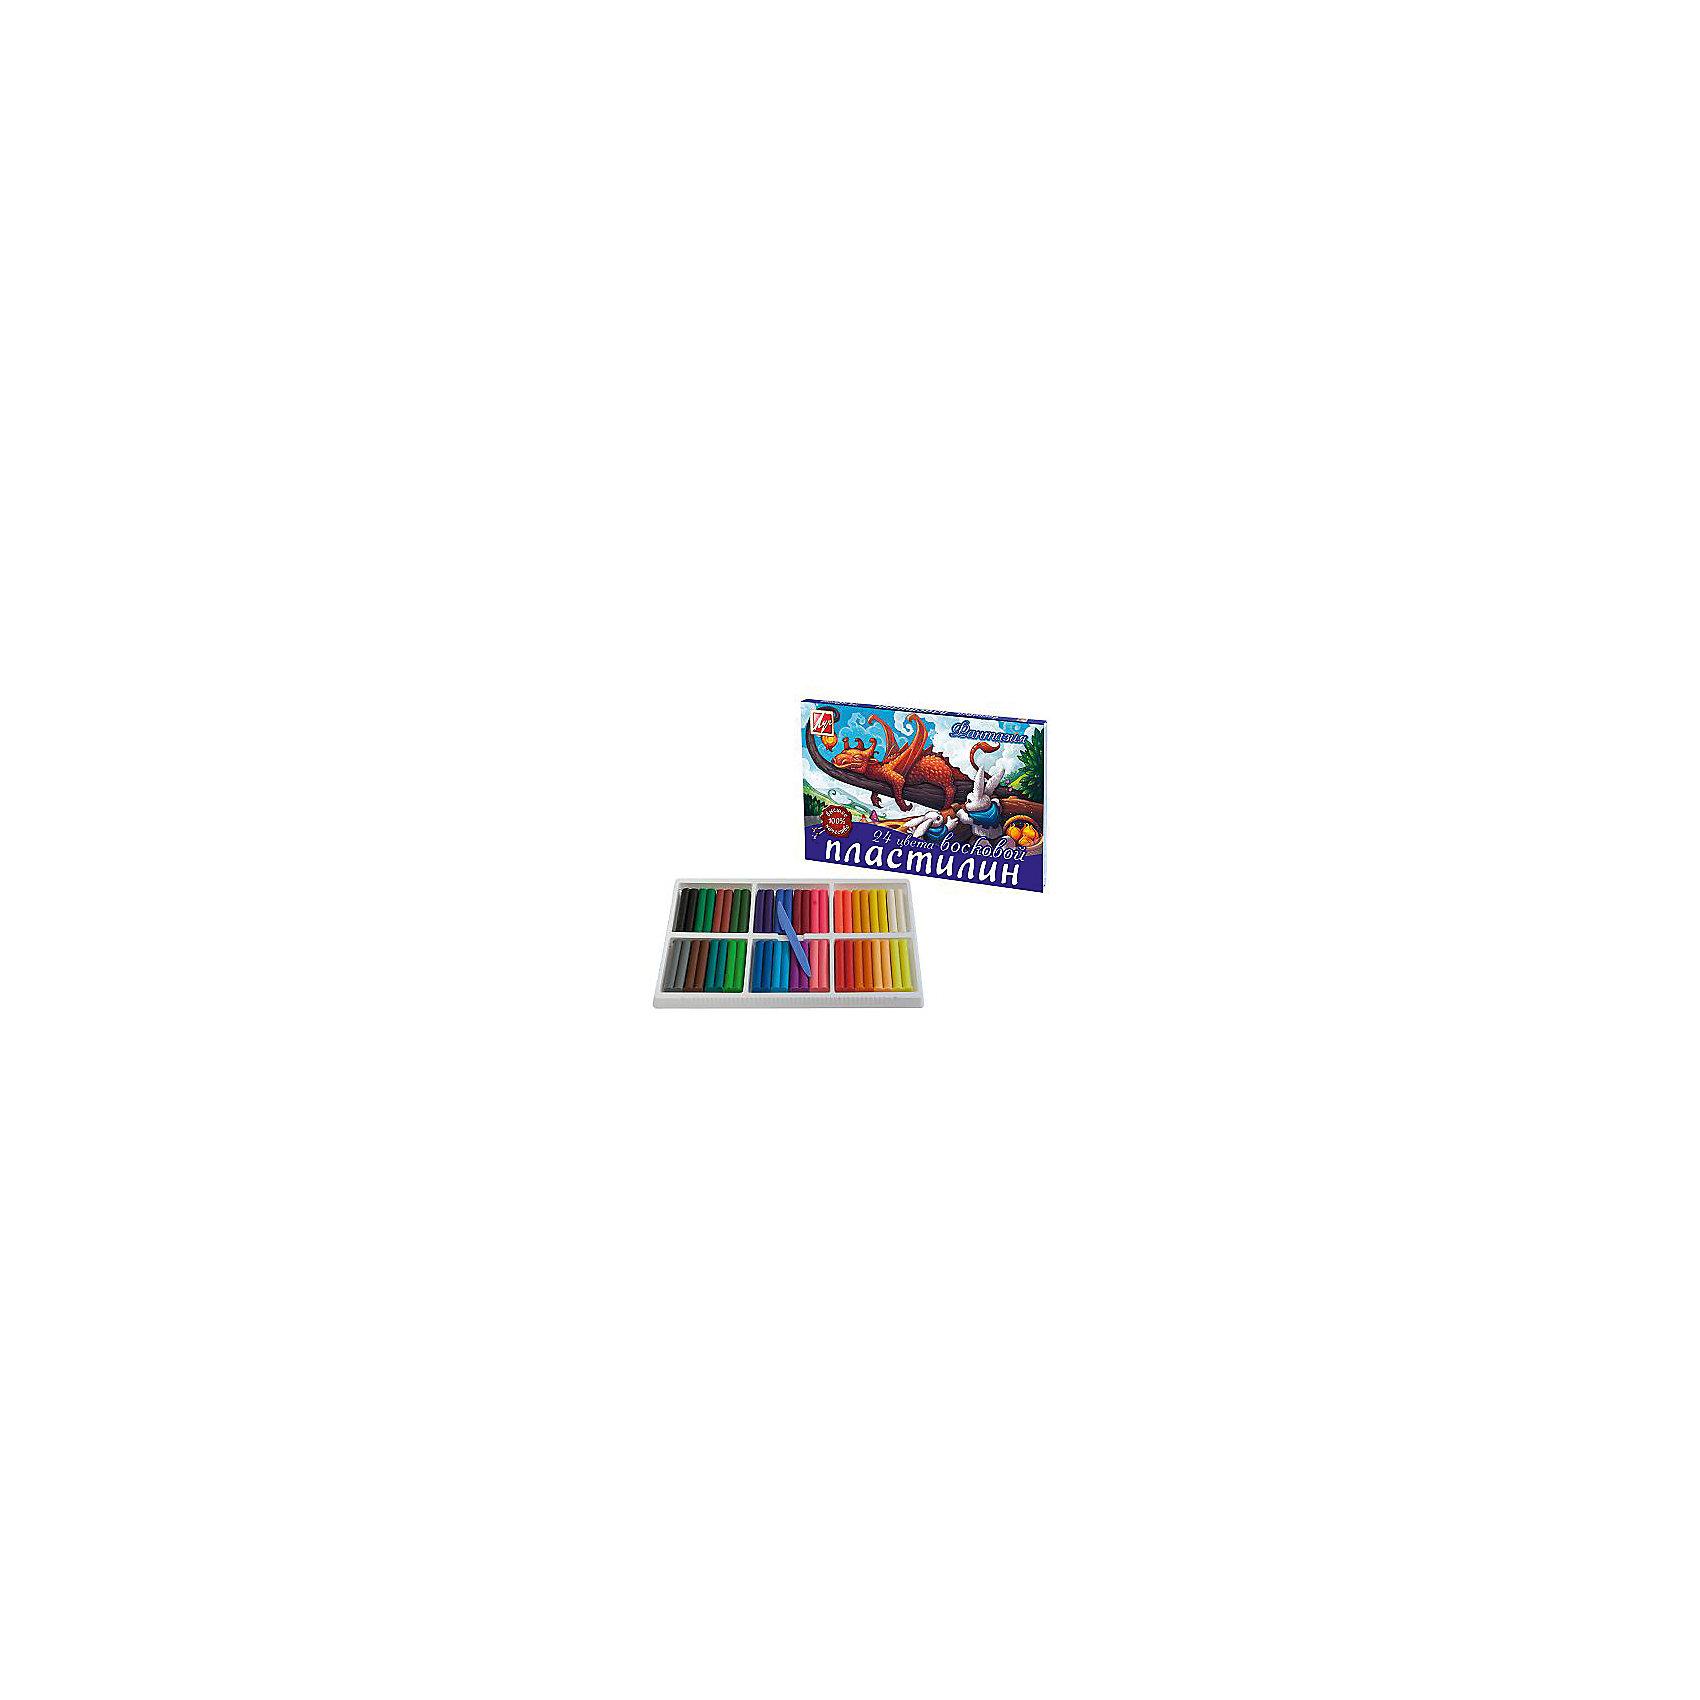 Пластилин Луч Фантазия восковой 24 цвета, со стекомЛепка<br>Характеристики:<br><br>• Предназначение: для занятий лепкой<br>• Серия: Фантазия<br>• Пол: для девочки<br>• Комплектация: 24 цвета, стек<br>• Материал: воск, натуральные красители, пластик<br>• Размеры (Д*Ш*В): 16,5*2*14,2 см<br>• Вес: 420 г <br>• Упаковка: картонная коробка<br><br>Пластилин Луч Фантазия восковой 24 цвета, со стеком от знаменитого мирового производителя канцелярских товаров Луч состоит из 18 ярких и насыщенных оттенков пластилина. Пластилин обладает хорошими пластичными и эластичными свойствами, не прилипает к рукам и рабочей поверхности, не окрашивает руки ребенка. Для удобства работы имеется стек. Пластилин серии Фантазия обладает повышенной мягкостью и эластичностью, что делает его идеальным для создания картин и аппликаций.<br>Занятия лепкой развивают мелкую моторику рук, способствуют развитию образного и пространственного мышления, учат ребенка аккуратности, внимательности и усидчивости!<br><br>Пластилин Луч Фантазия восковой 24 цвета, со стеком можно купить в нашем интернет-магазине.<br><br>Ширина мм: 202<br>Глубина мм: 17<br>Высота мм: 307<br>Вес г: 561<br>Возраст от месяцев: 36<br>Возраст до месяцев: 180<br>Пол: Унисекс<br>Возраст: Детский<br>SKU: 5188818